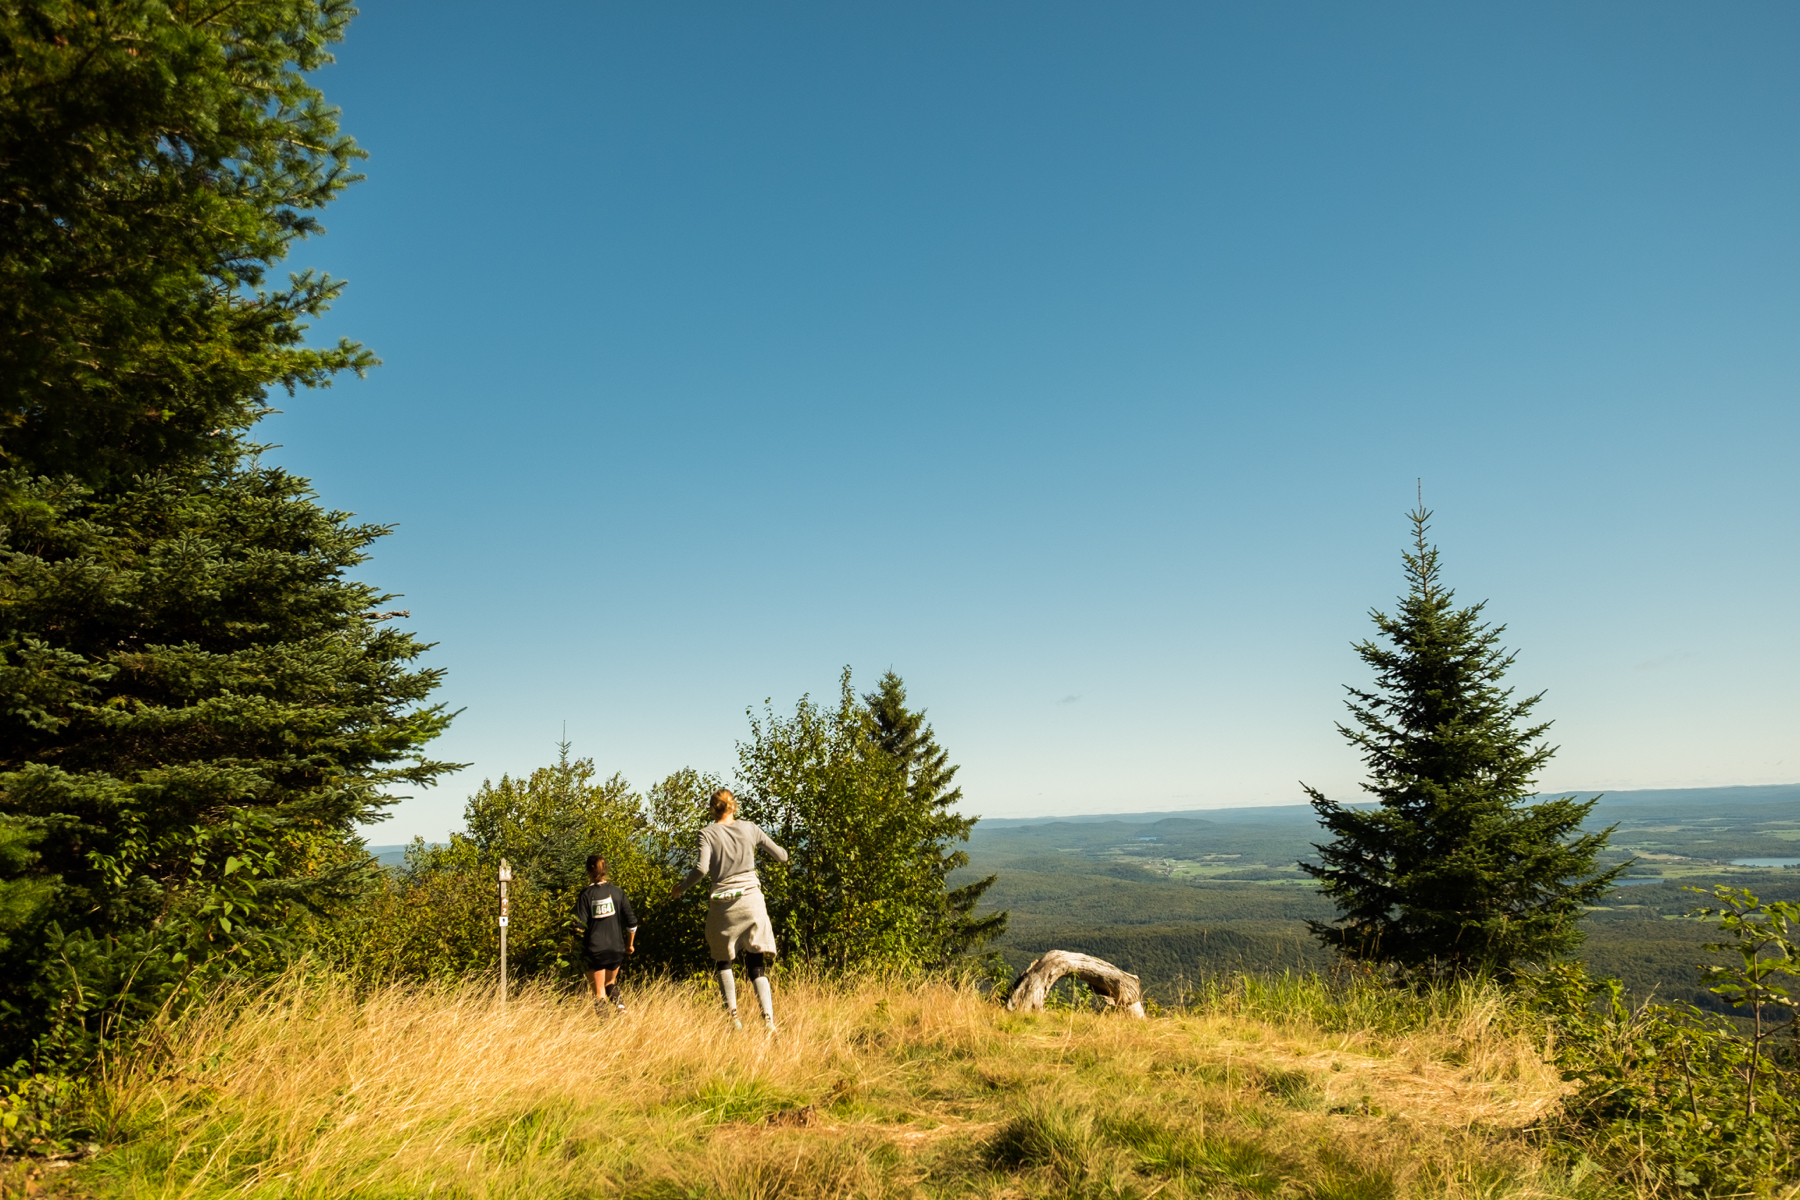 parc-montagne-du-diable-paysage-paroi-de-laube-04